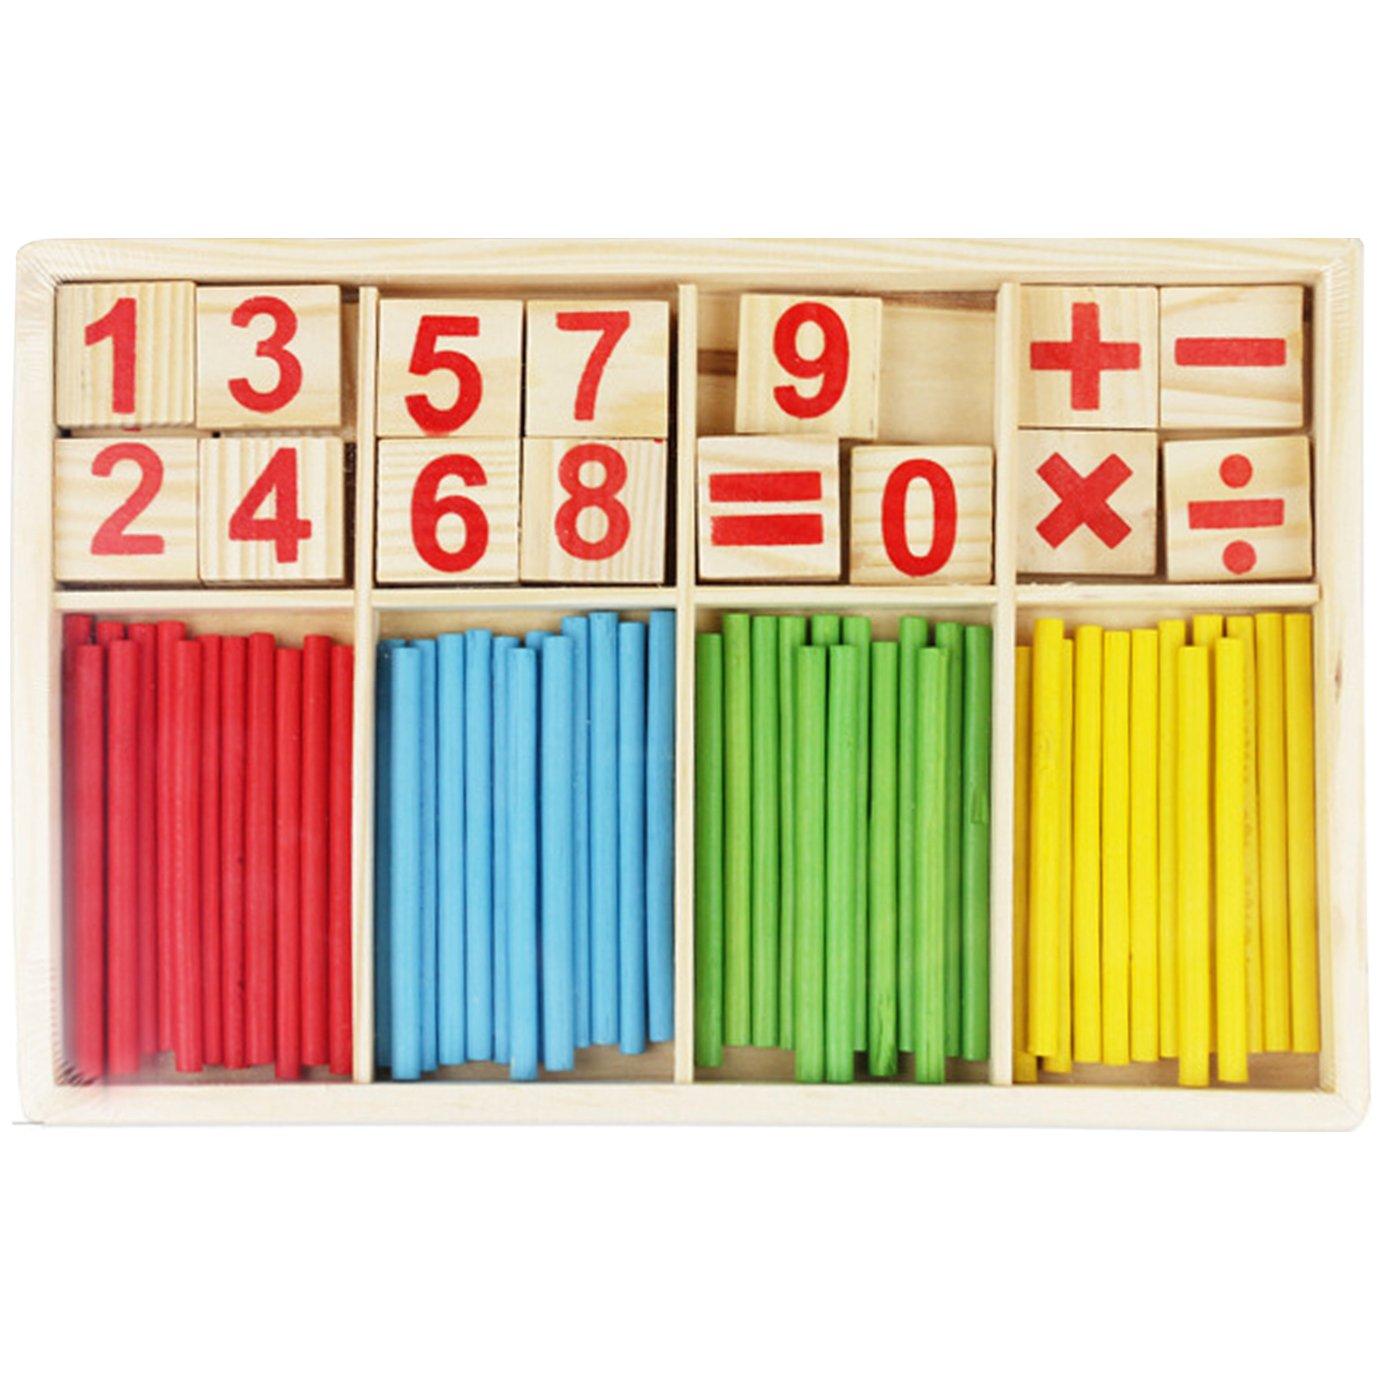 Meliya en bois numé rique comptage tiges coloré es et bâ tonnets pour apprendre Nombre Cartes Mathé matique Intelligence bâ ton Preschool Educational outils avec boî te